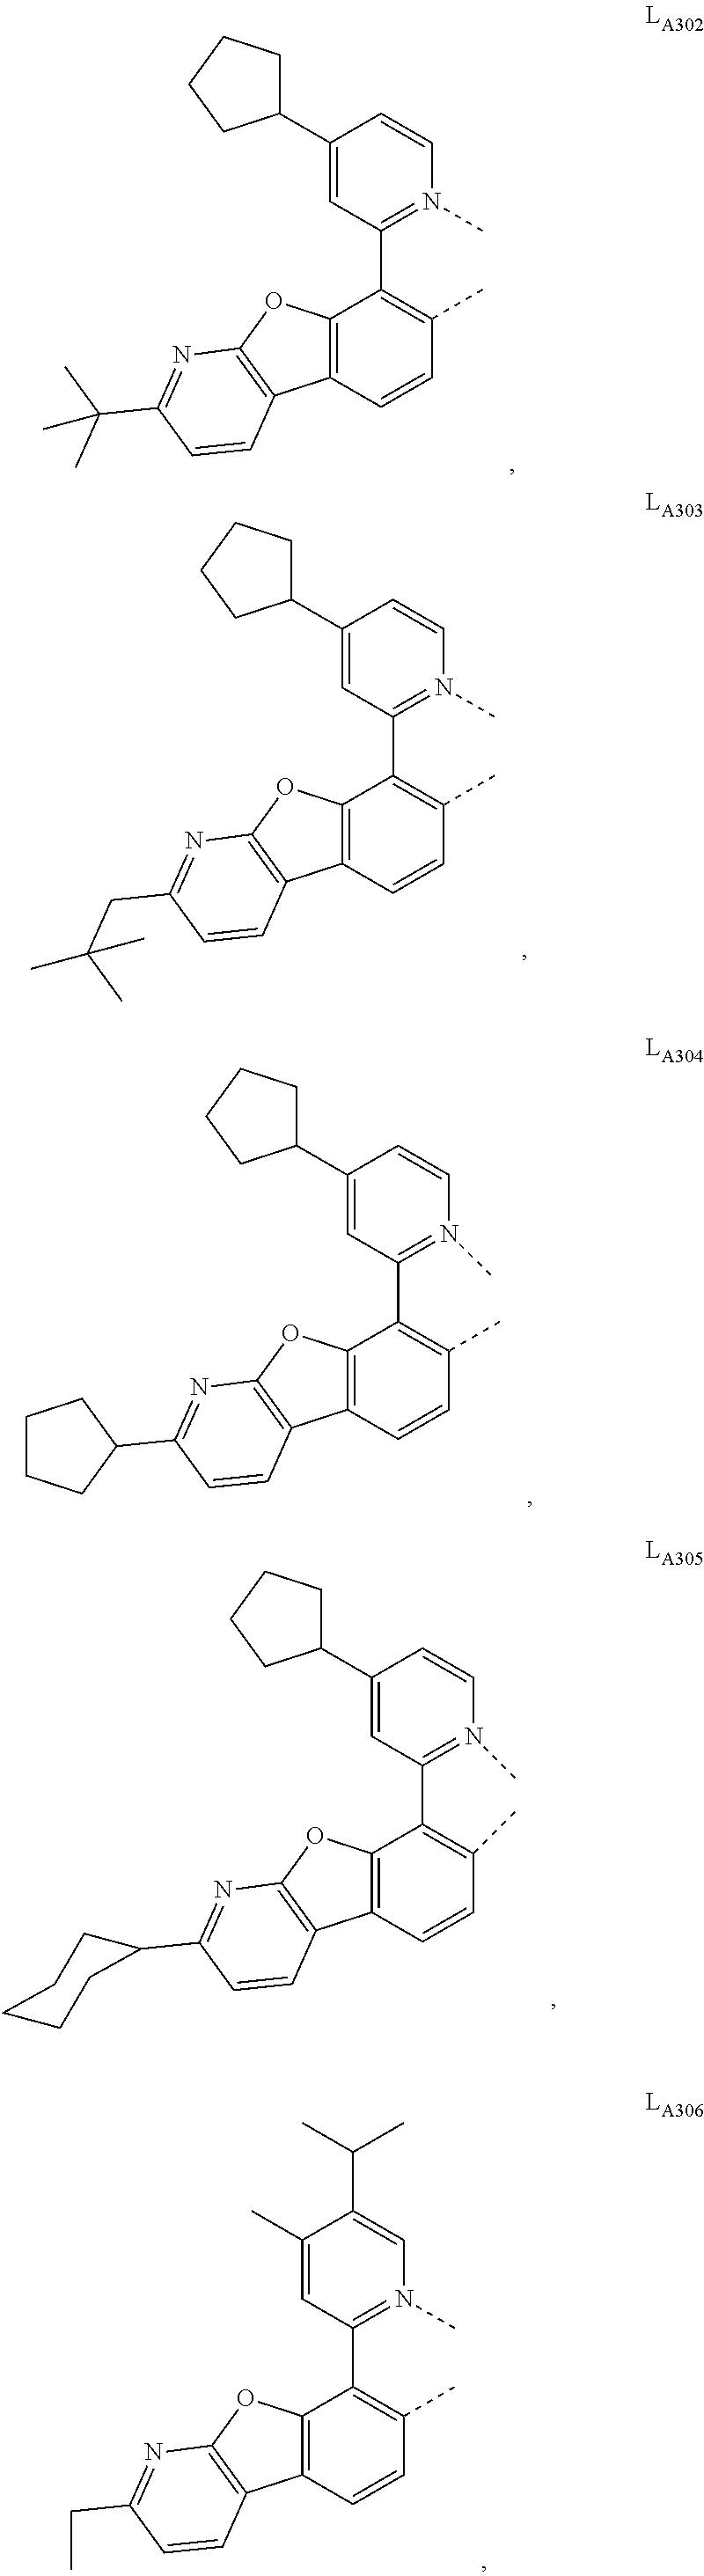 Figure US20160049599A1-20160218-C00464